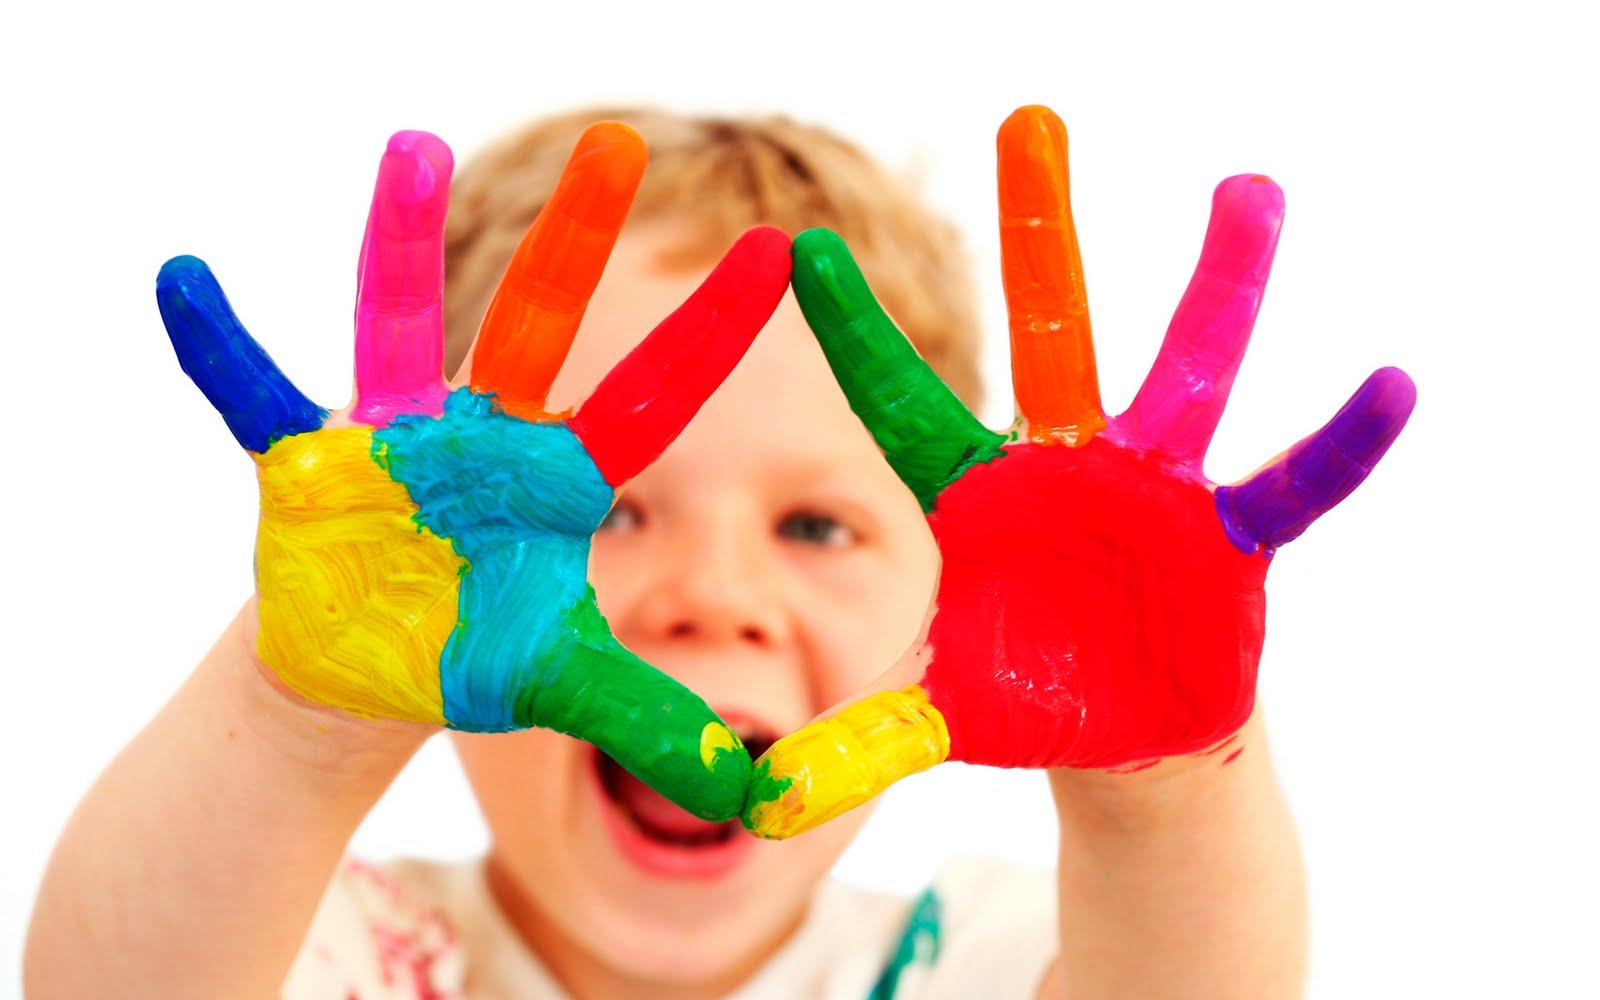 PunjabKesari, Nari, Children favorite color